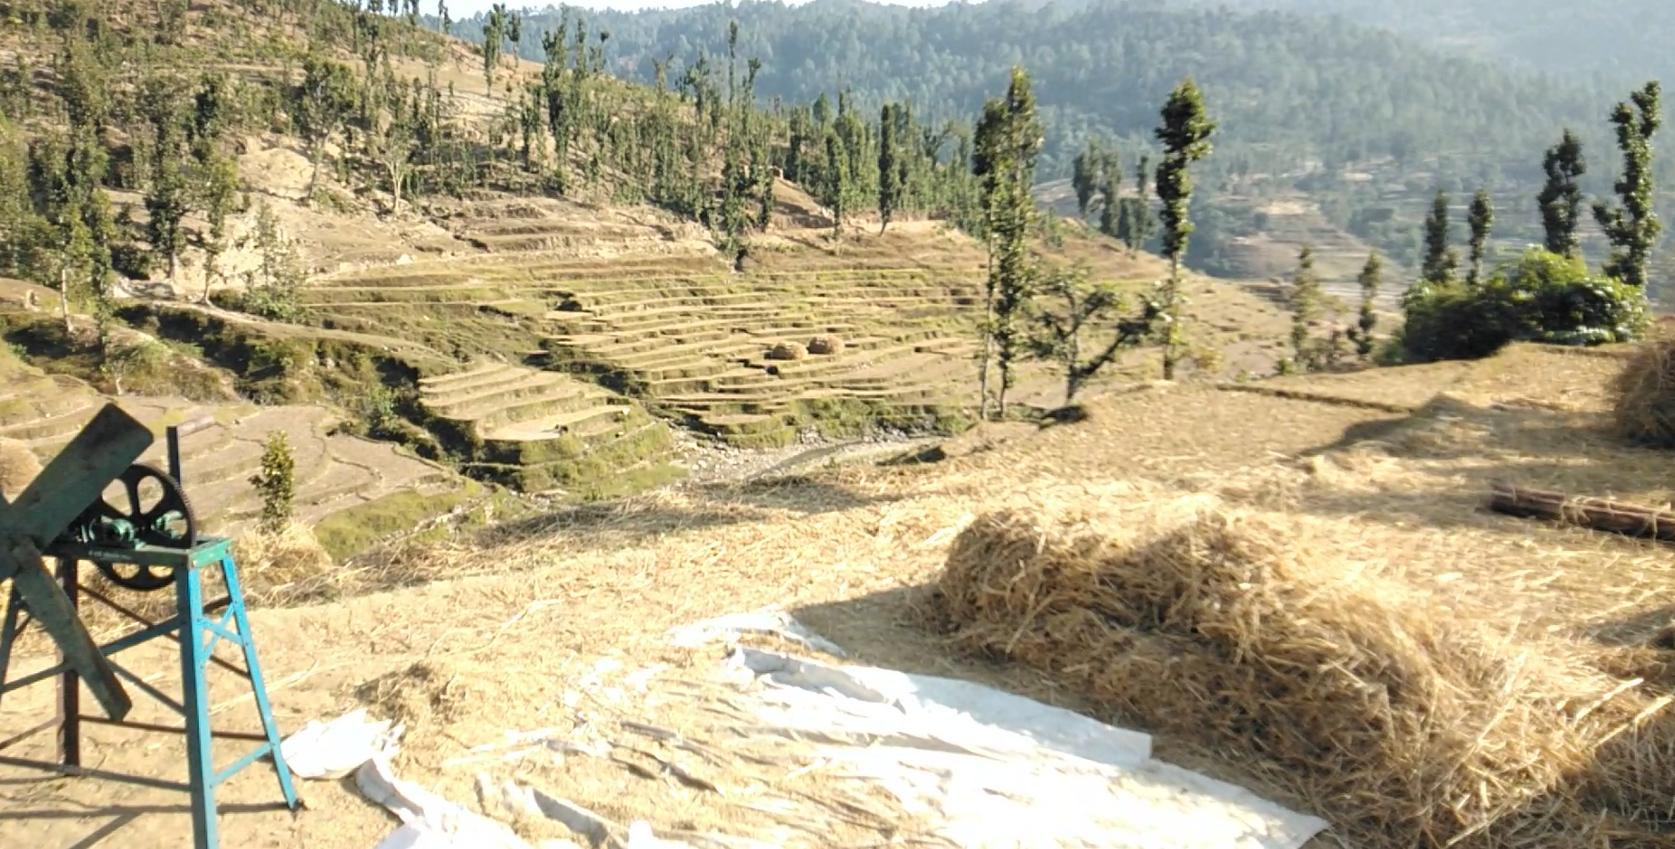 धान भित्र्याउन व्यस्त किसान, दैलेखमा धान उत्पादन बढ्ने